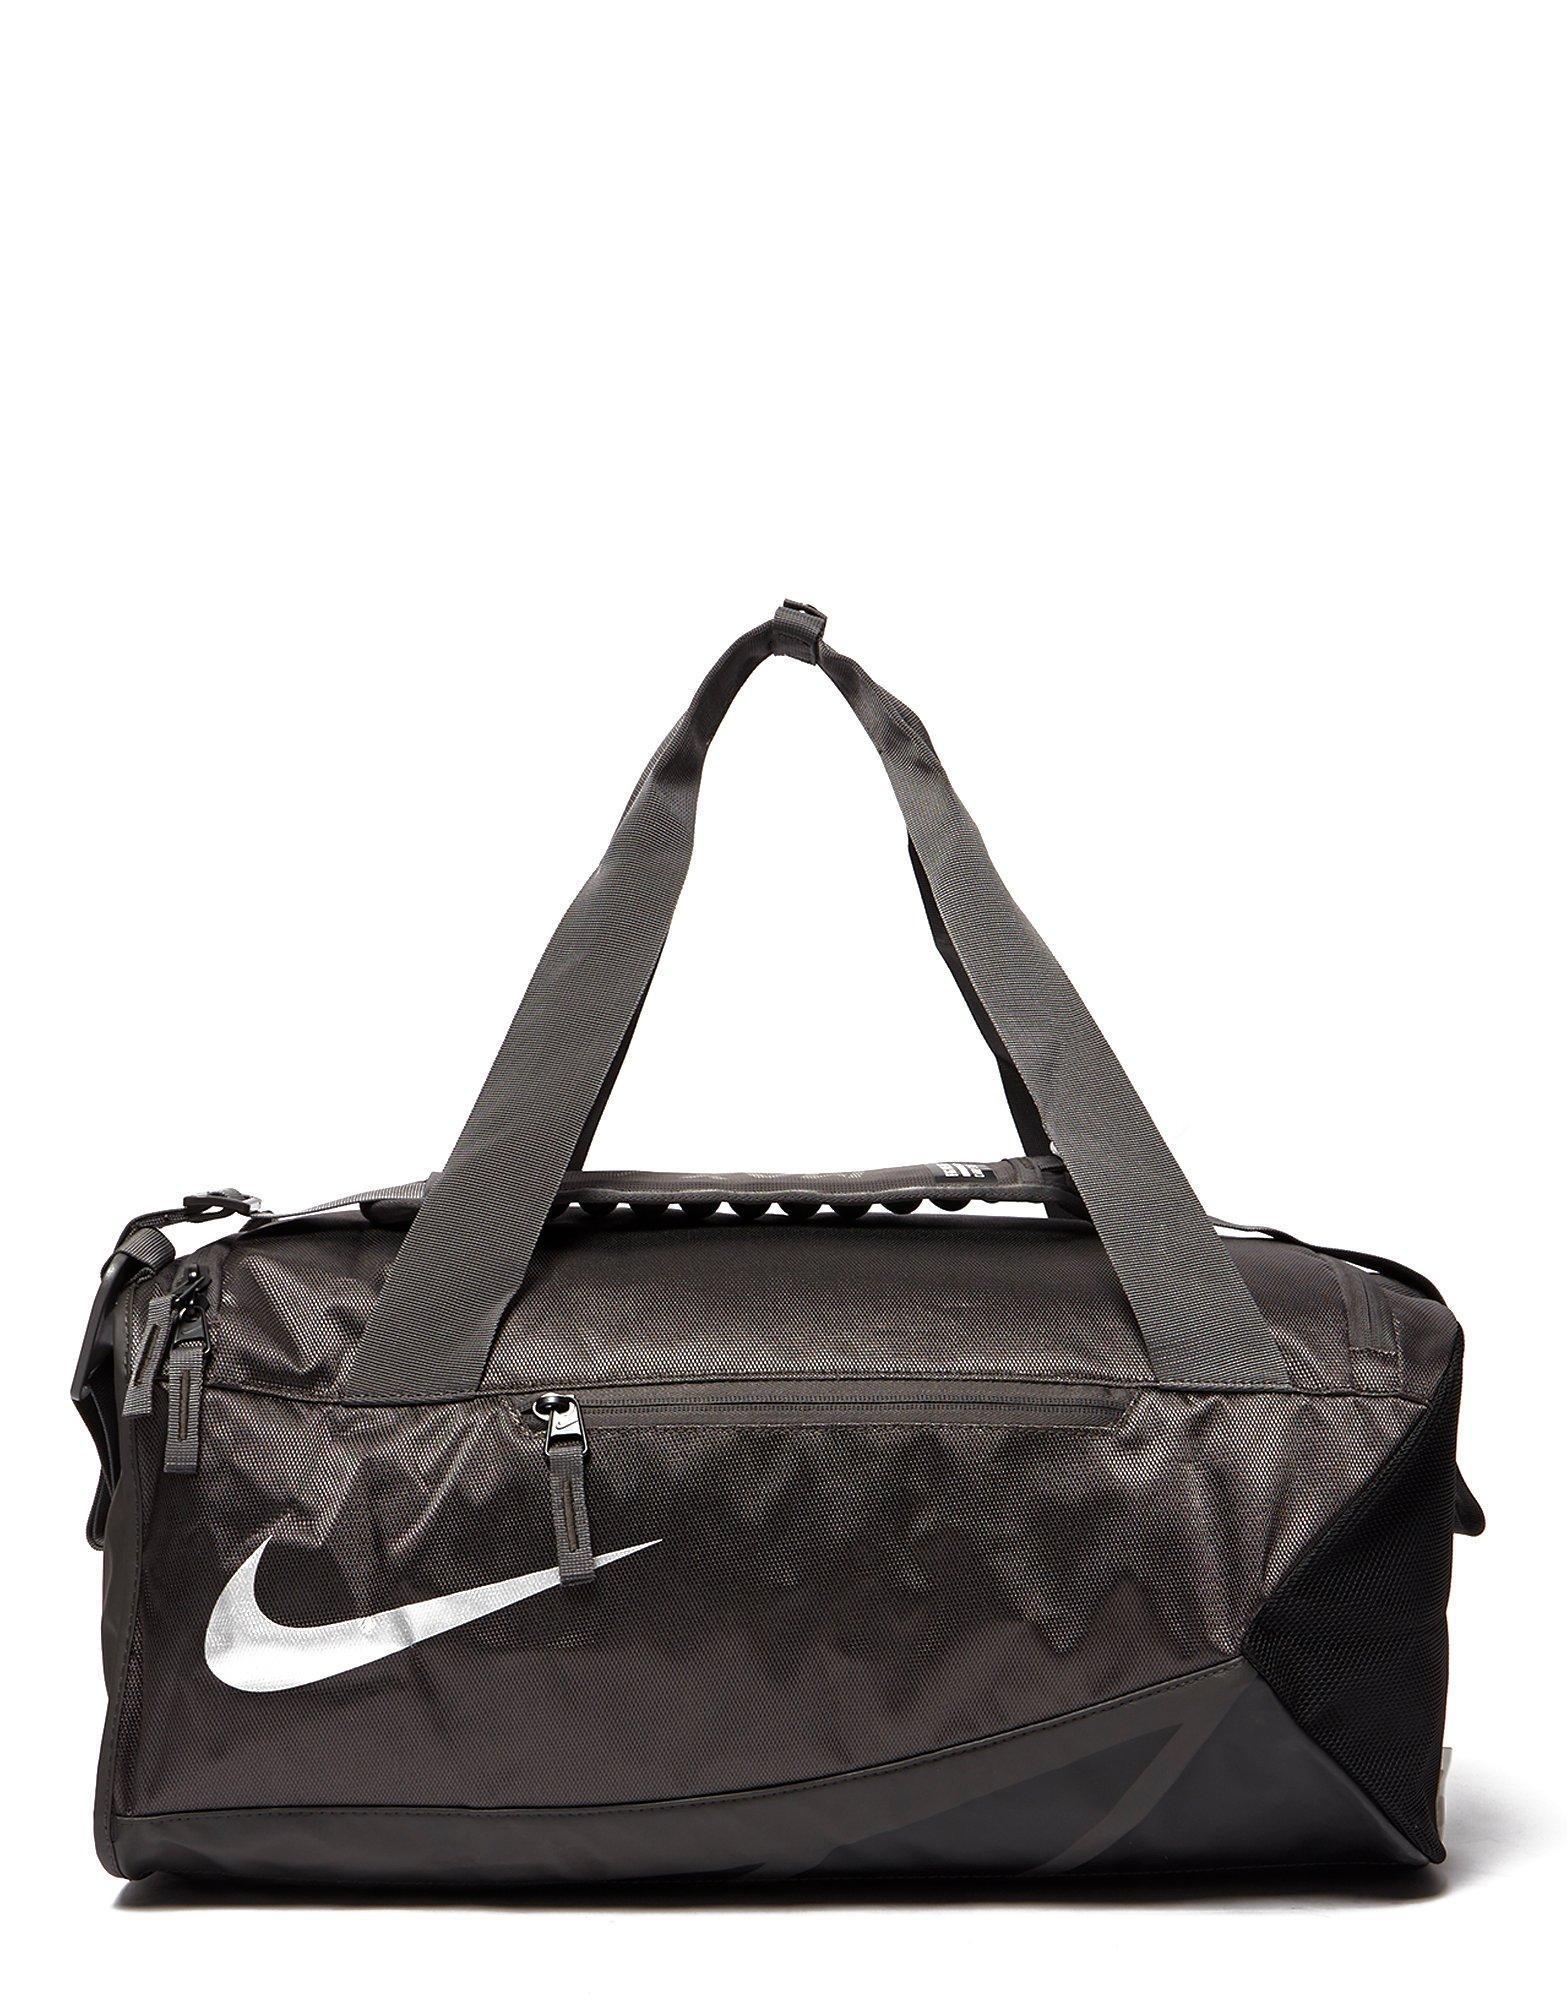 12b3774a385e coach bleecker duffle shoulder bag jd